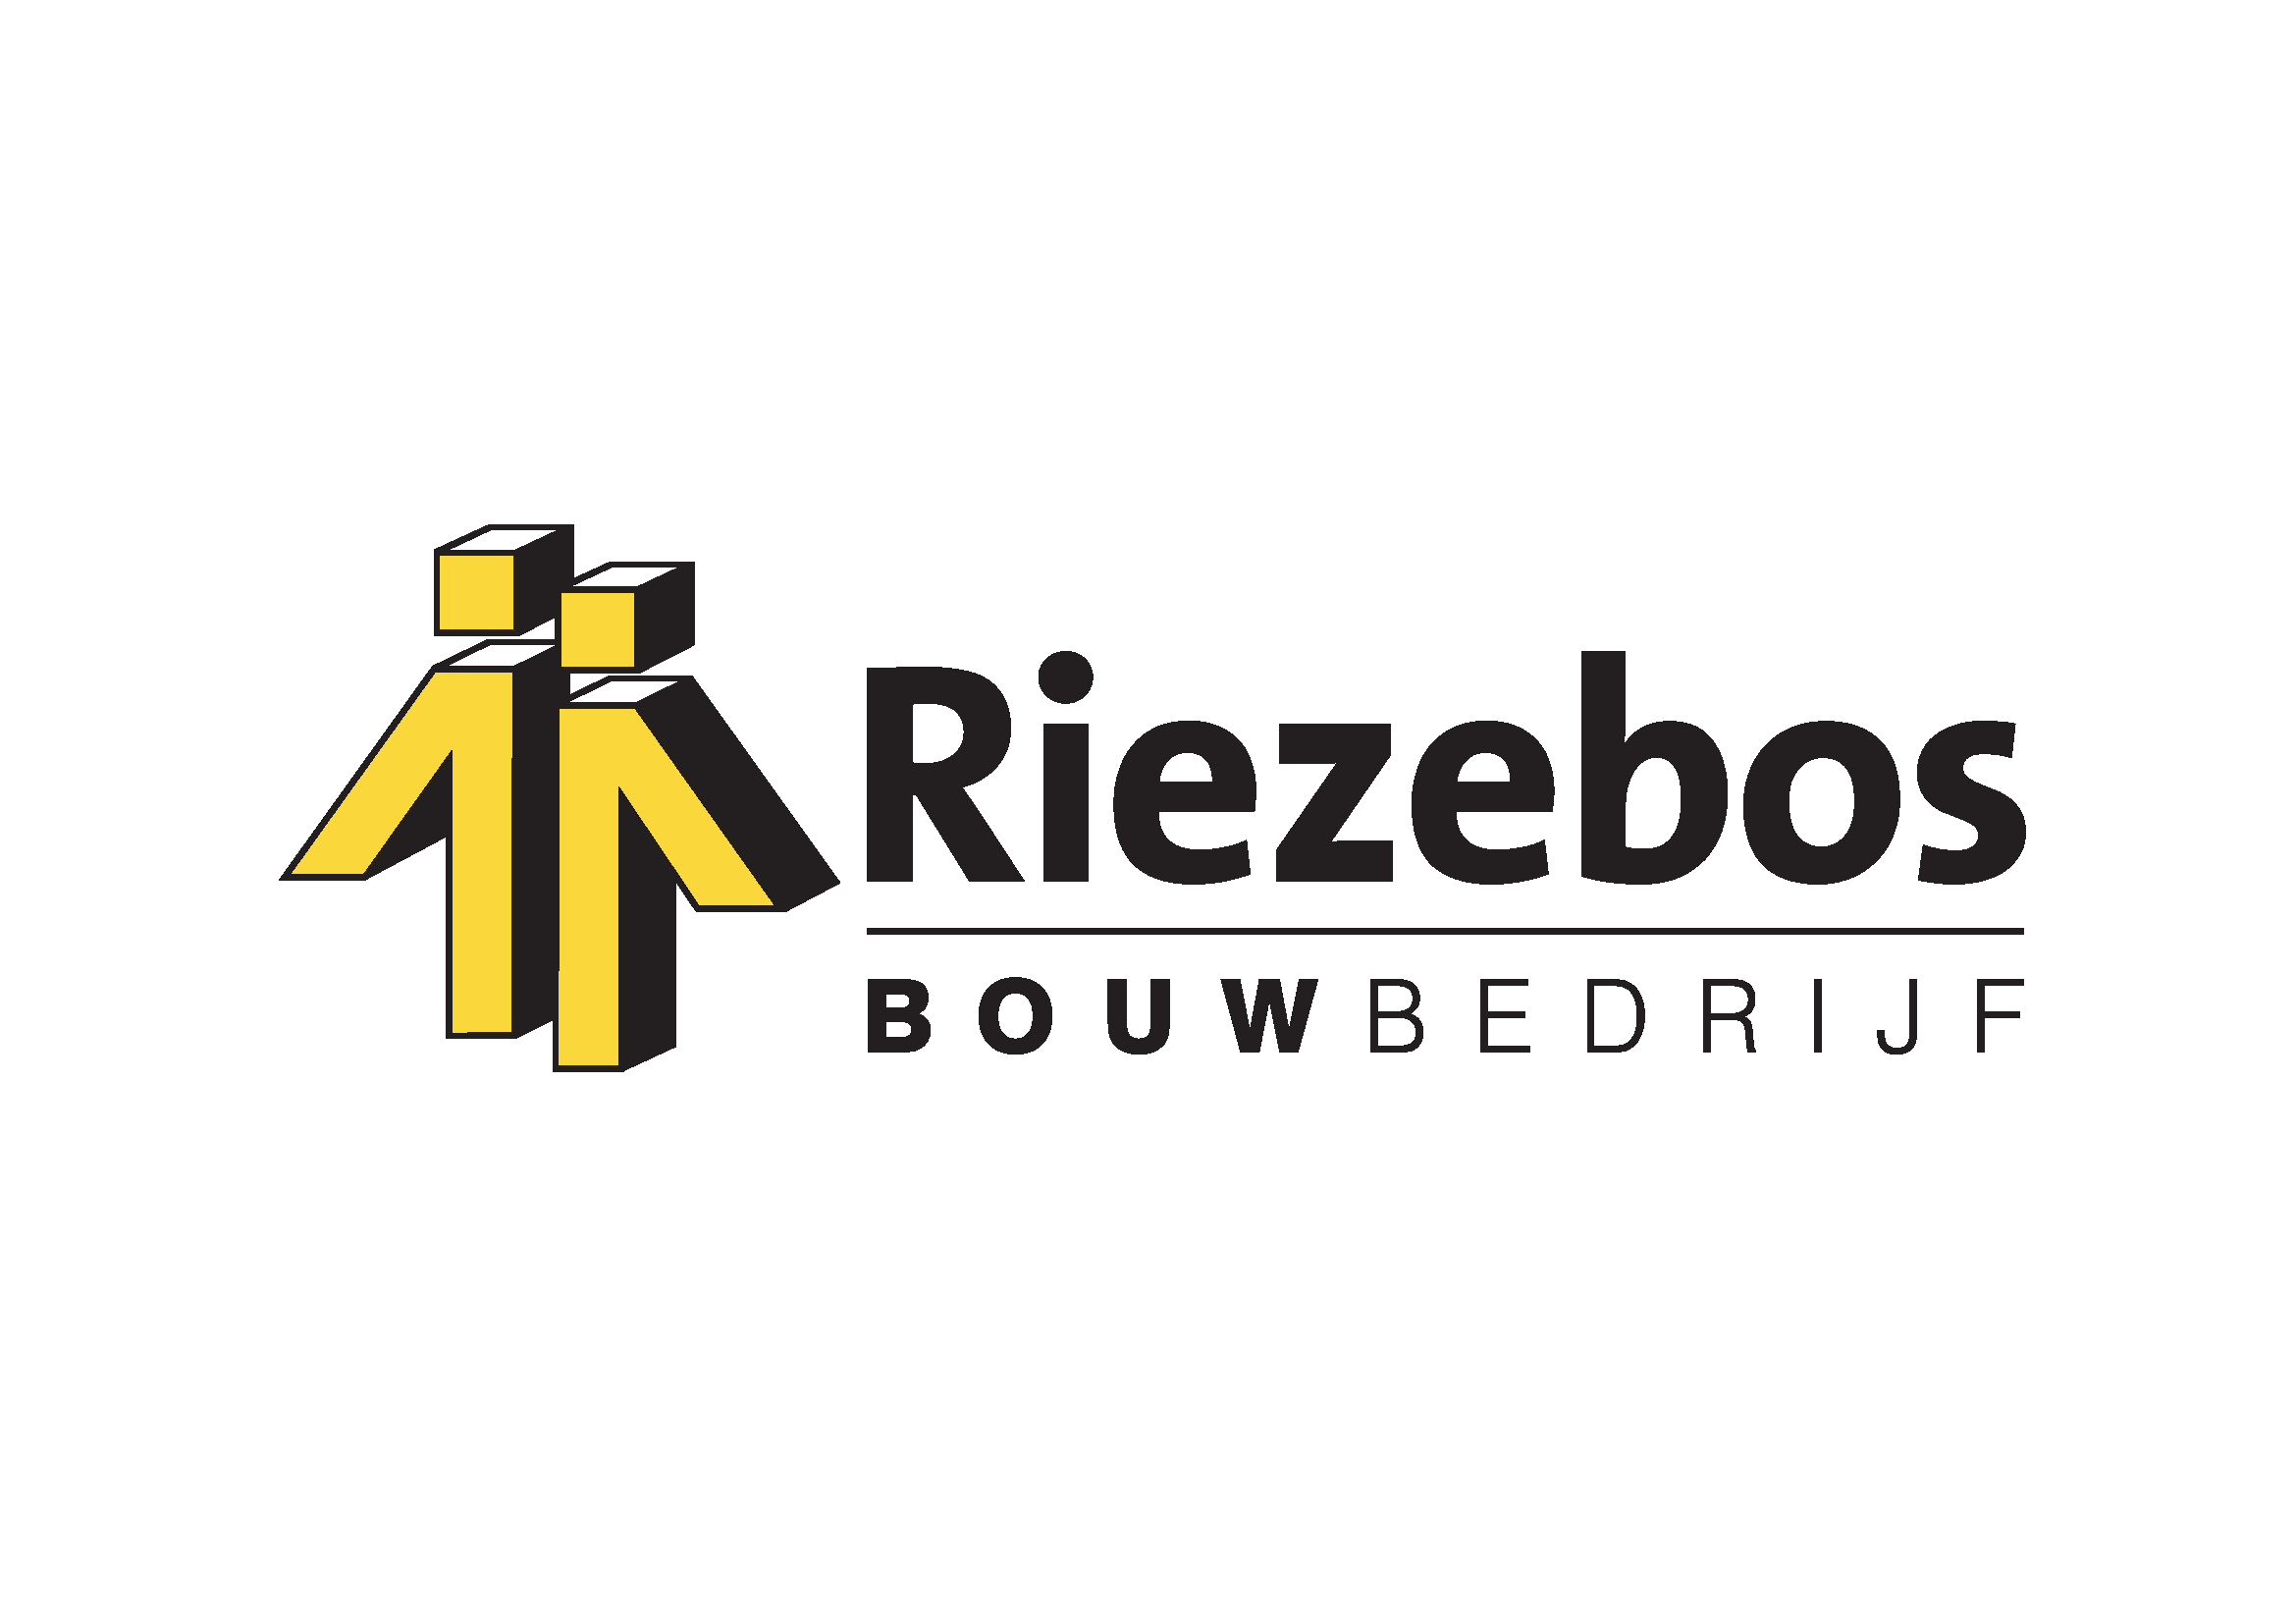 17 Riezebos - logo